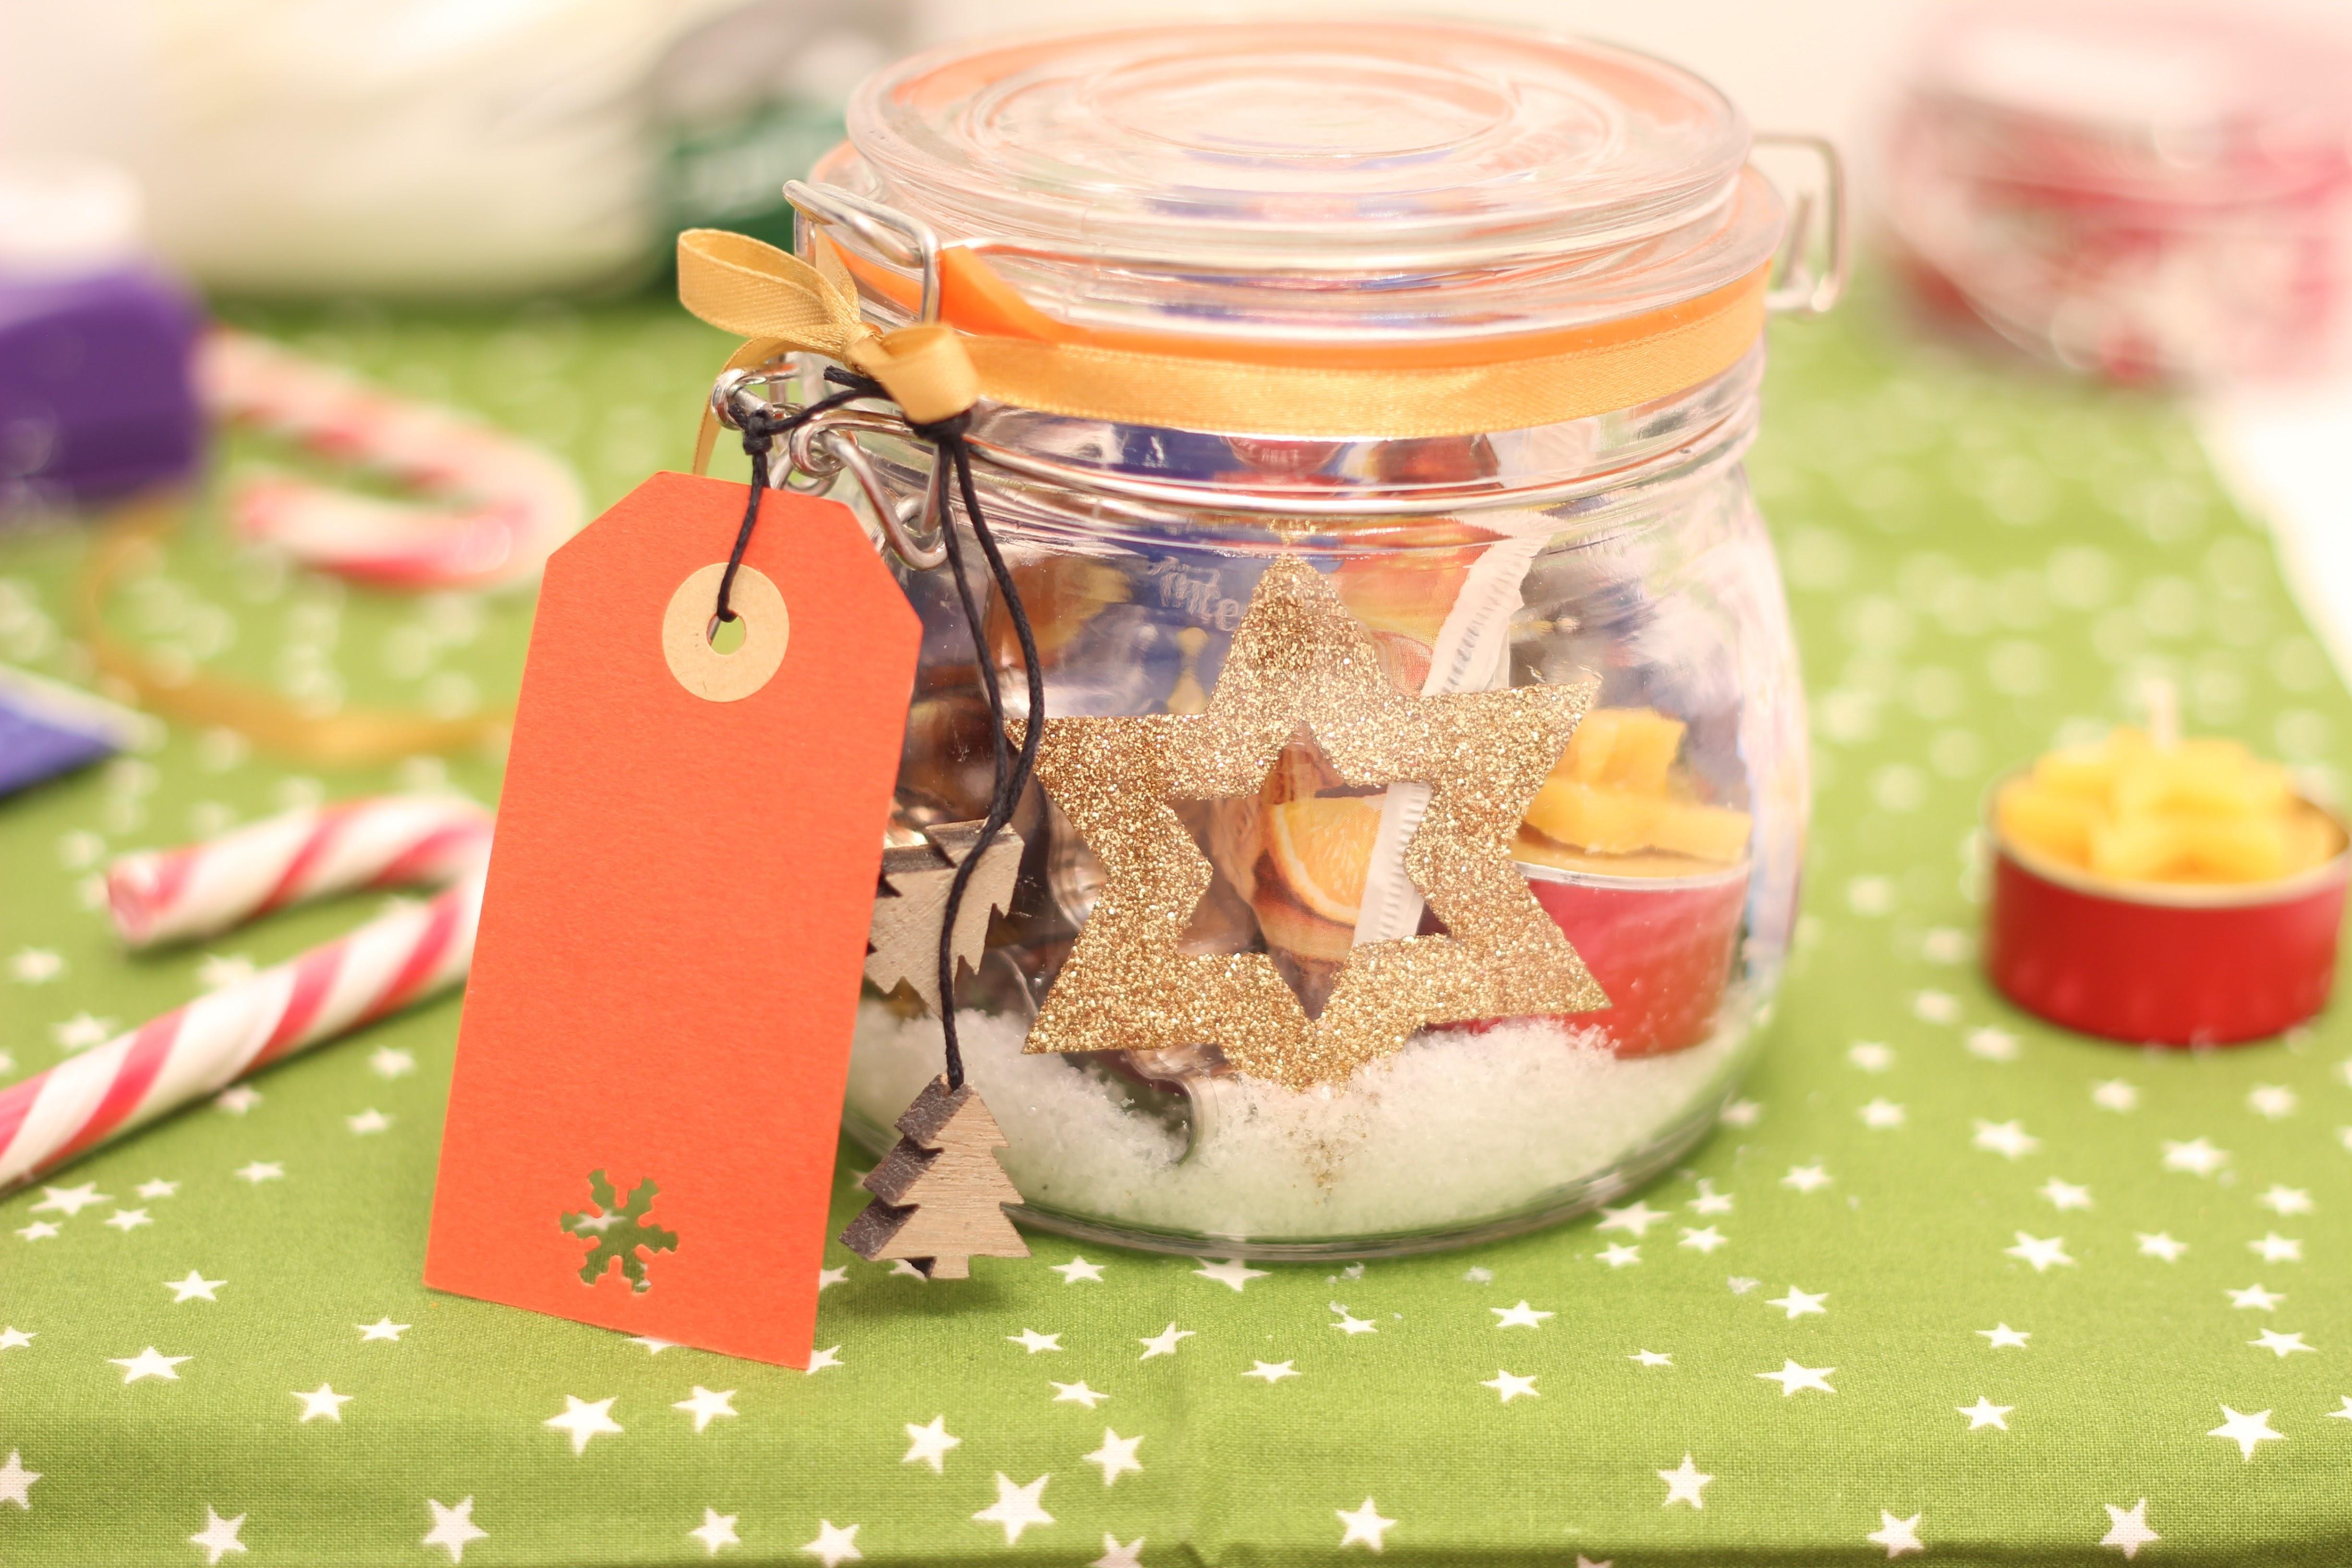 DIY Advent im Glas gefüllt mit Dingen, die die Adventszeit ausmachen